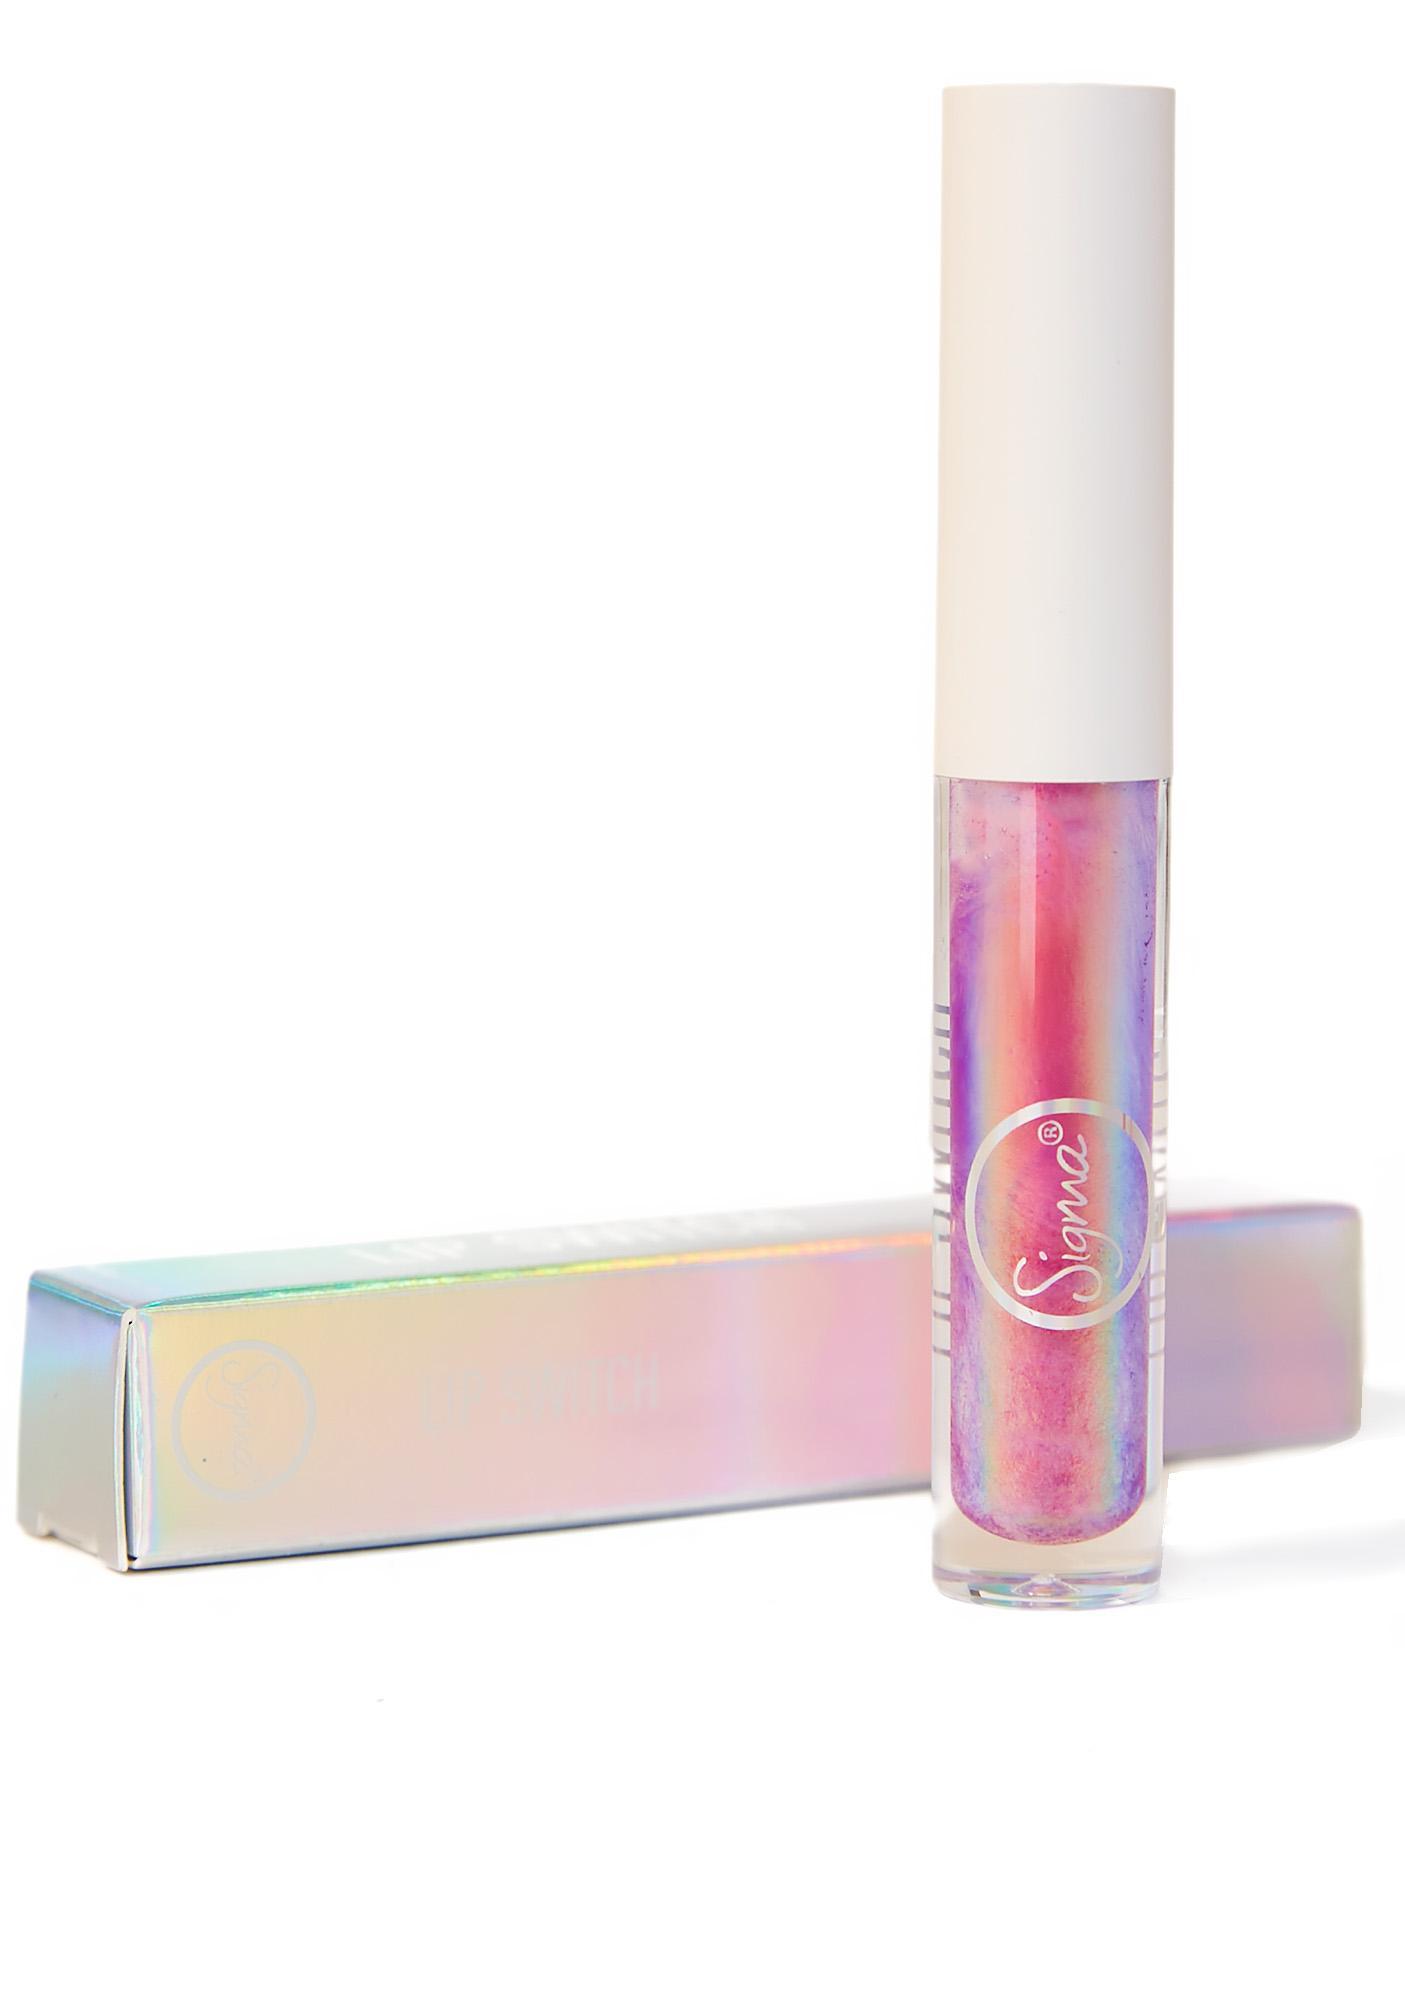 Sigma Double Whammy Lip Switch Lip Gloss